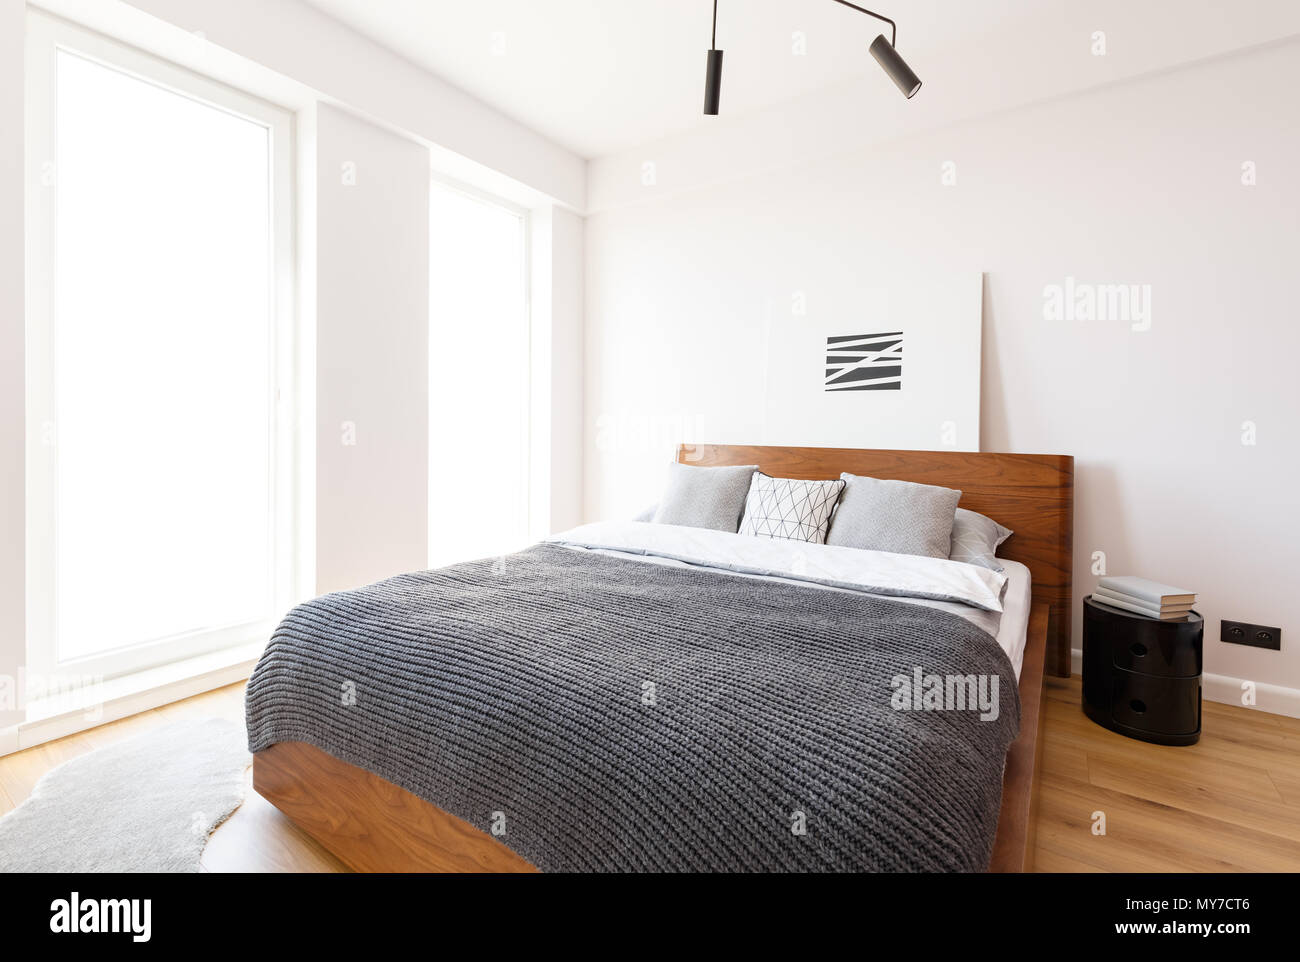 Graue Decke Auf Bett Aus Holz In Weiss Helles Schlafzimmer